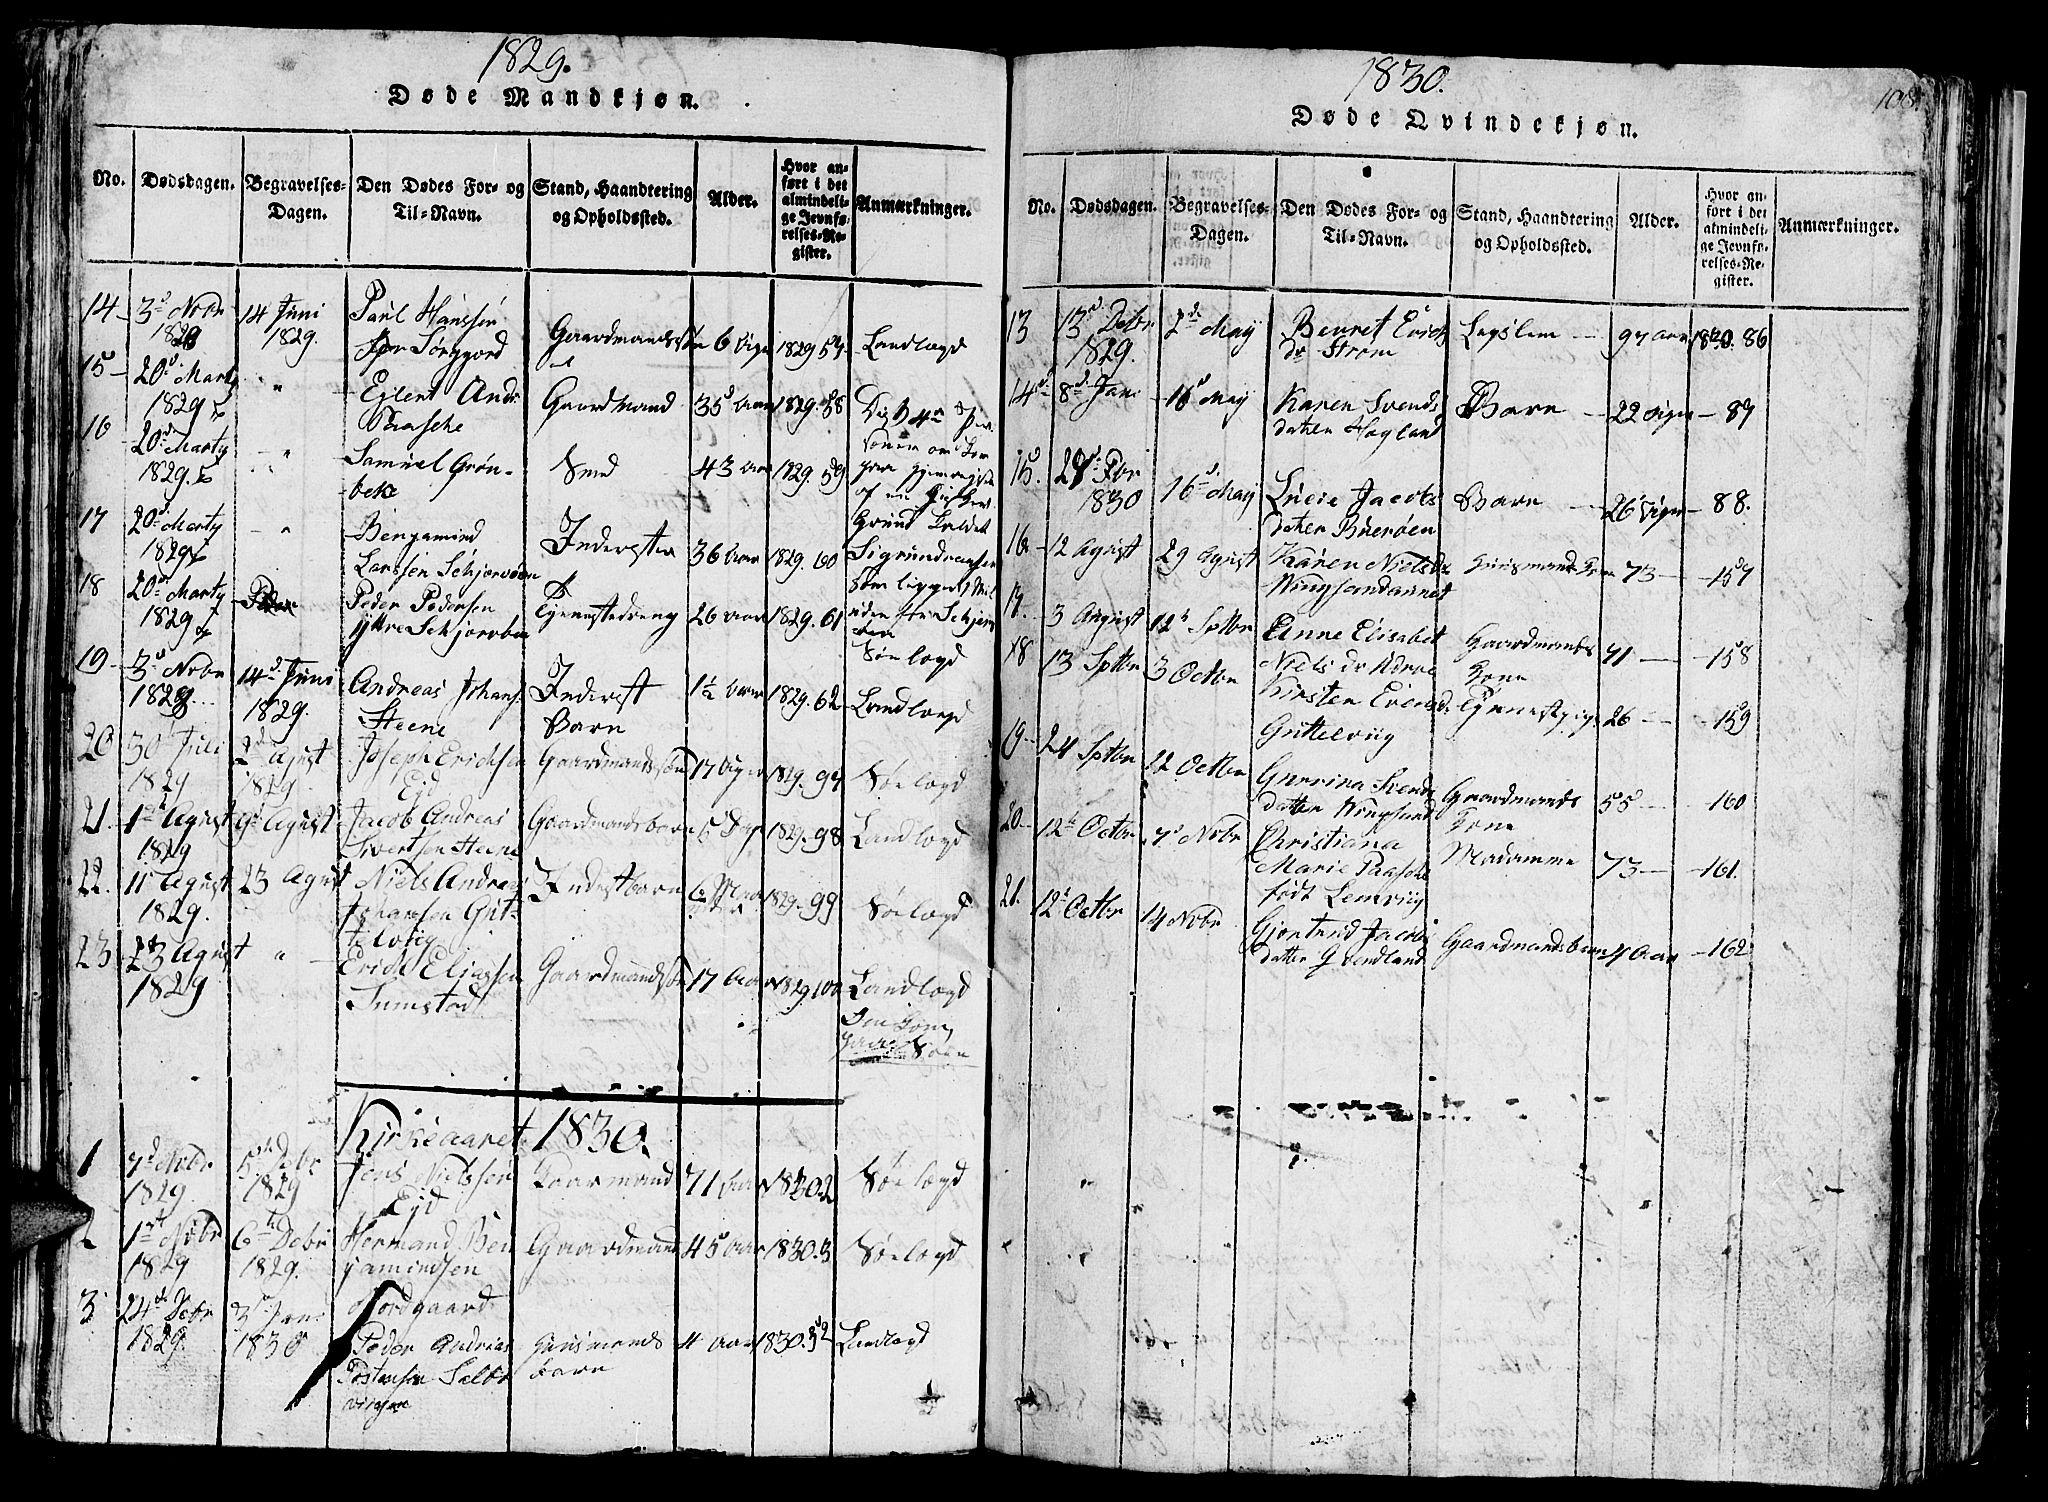 SAT, Ministerialprotokoller, klokkerbøker og fødselsregistre - Sør-Trøndelag, 657/L0714: Klokkerbok nr. 657C01, 1818-1868, s. 108